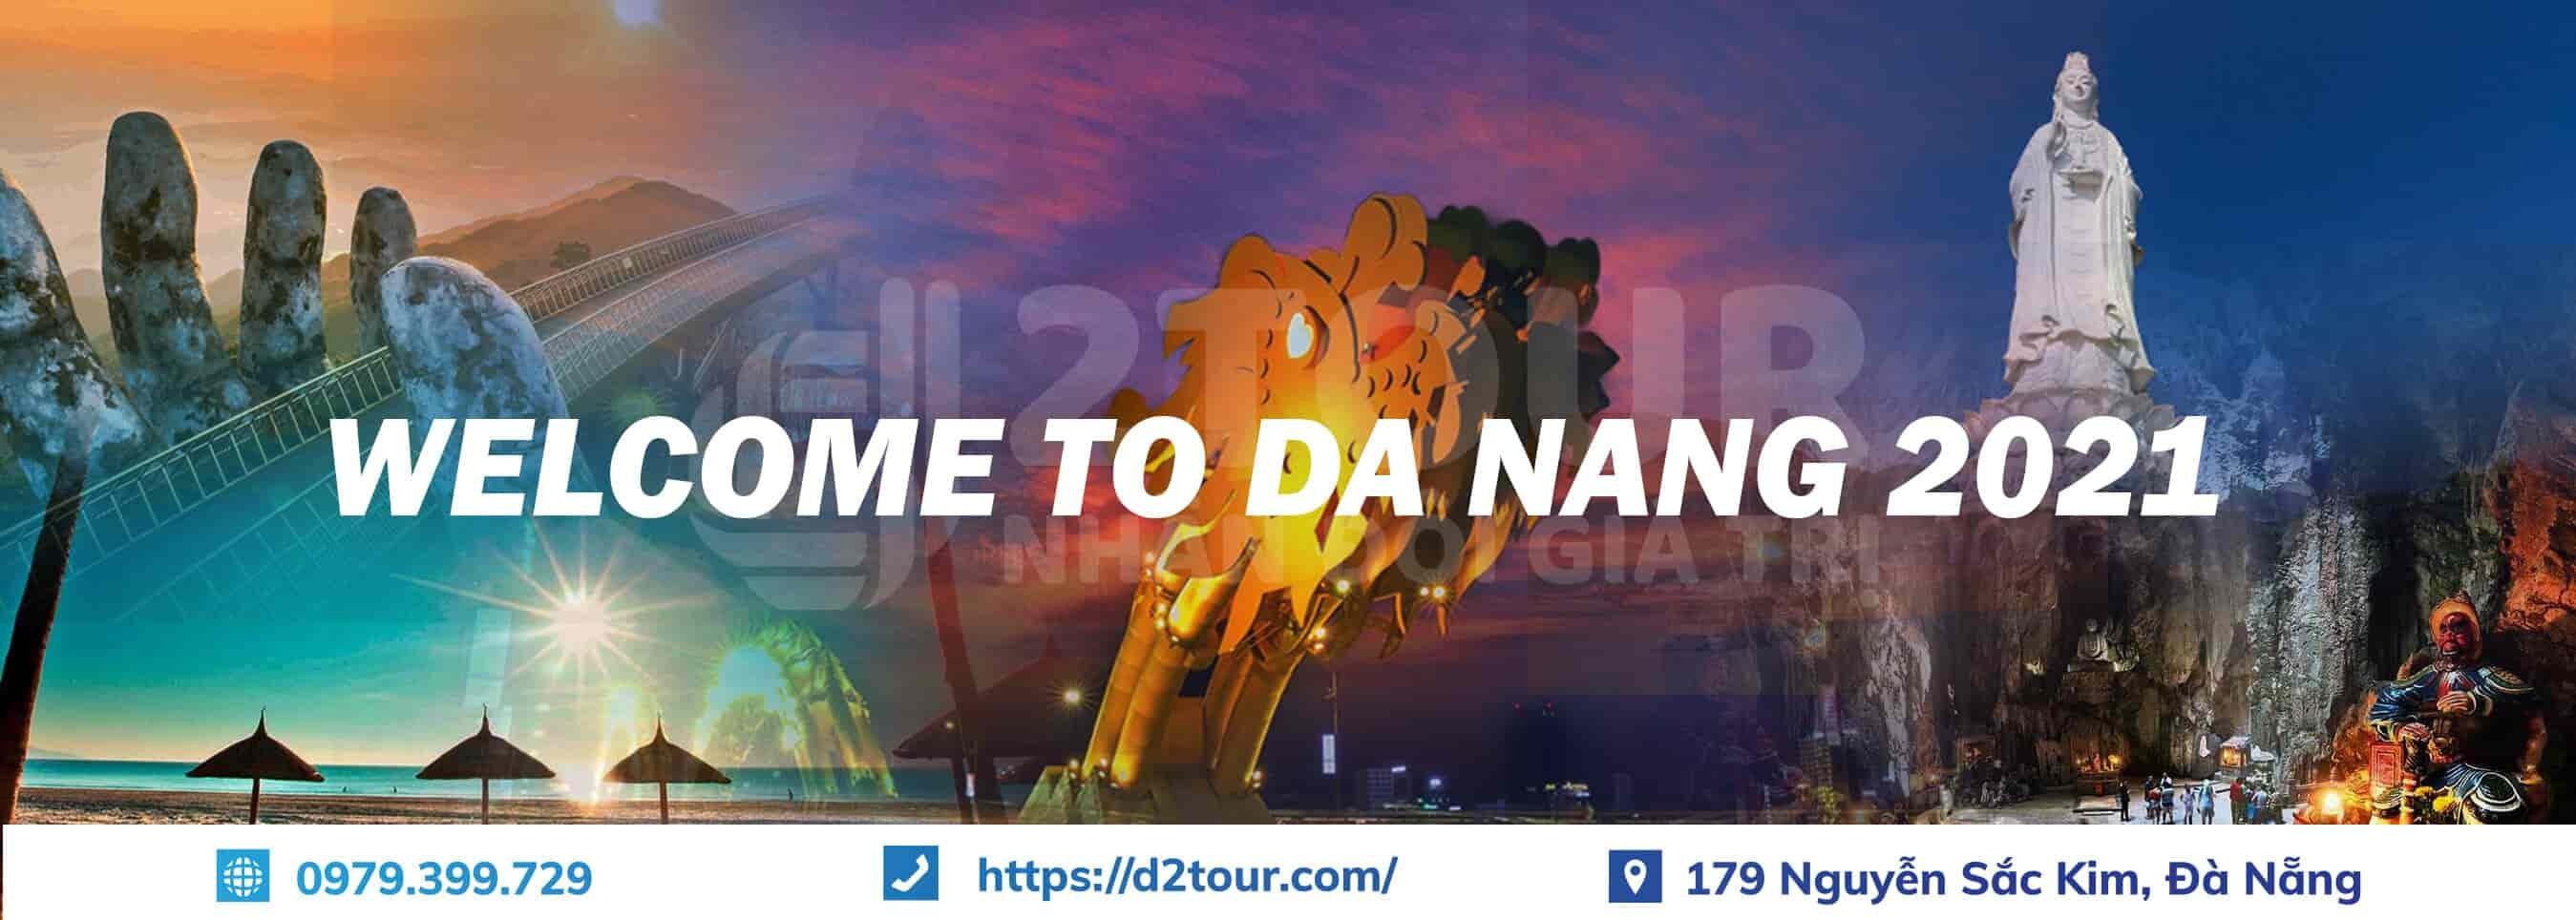 Tour du lich Da Nang